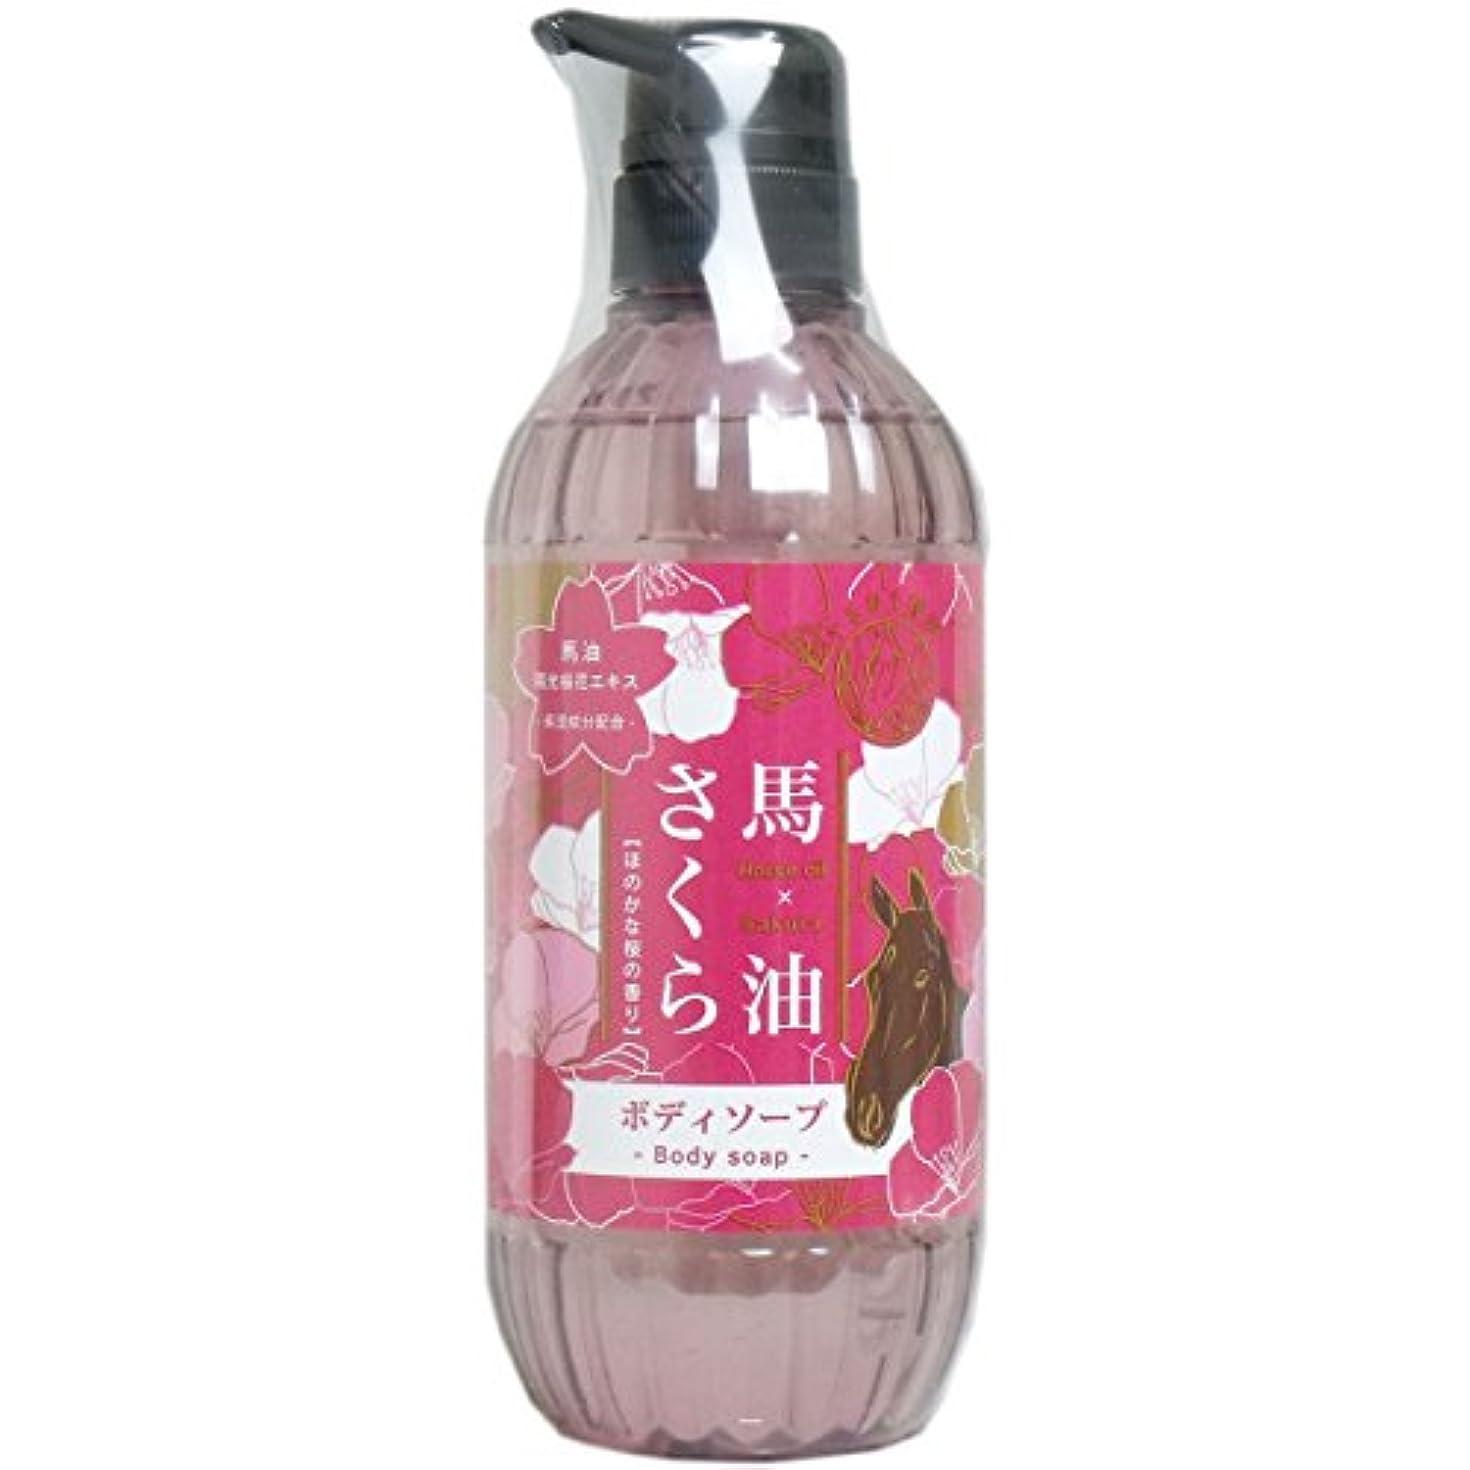 非武装化専らスリーブ馬油さくら ボディソープ ほのかな桜の香り 500mL